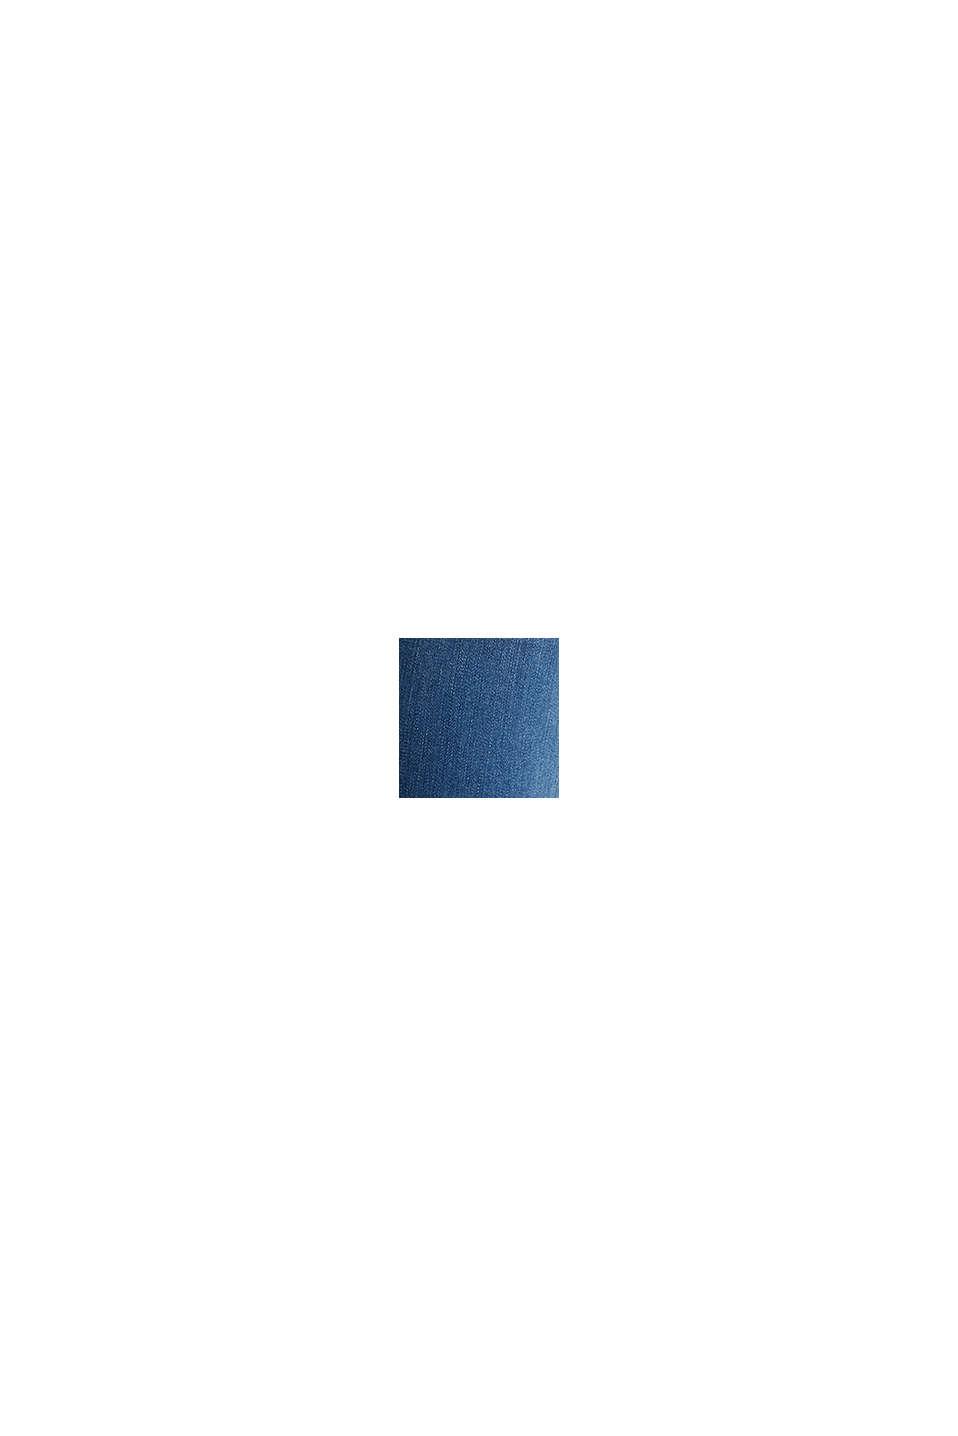 REPREVE džíny s recyklovaným polyesterem, BLUE LIGHT WASHED, swatch